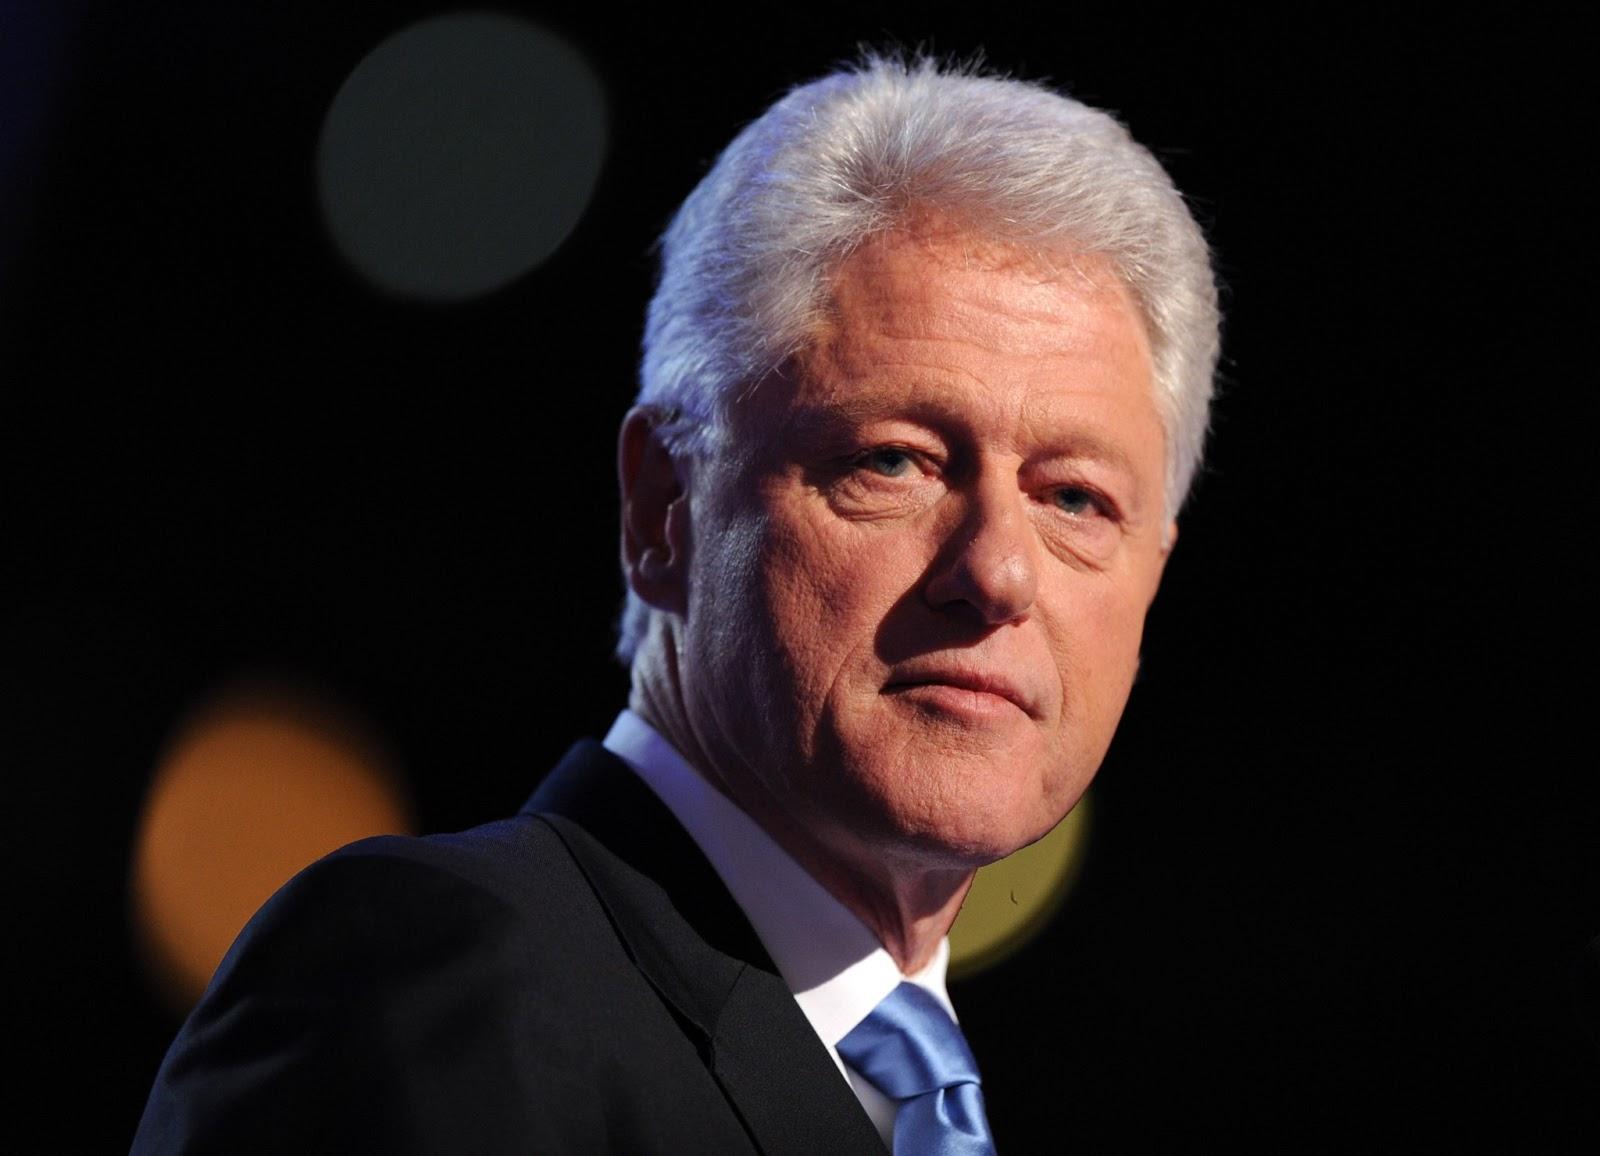 'Fiz todo o possível para construir redes de cooperação com a América Latina', diz Bill Clinton